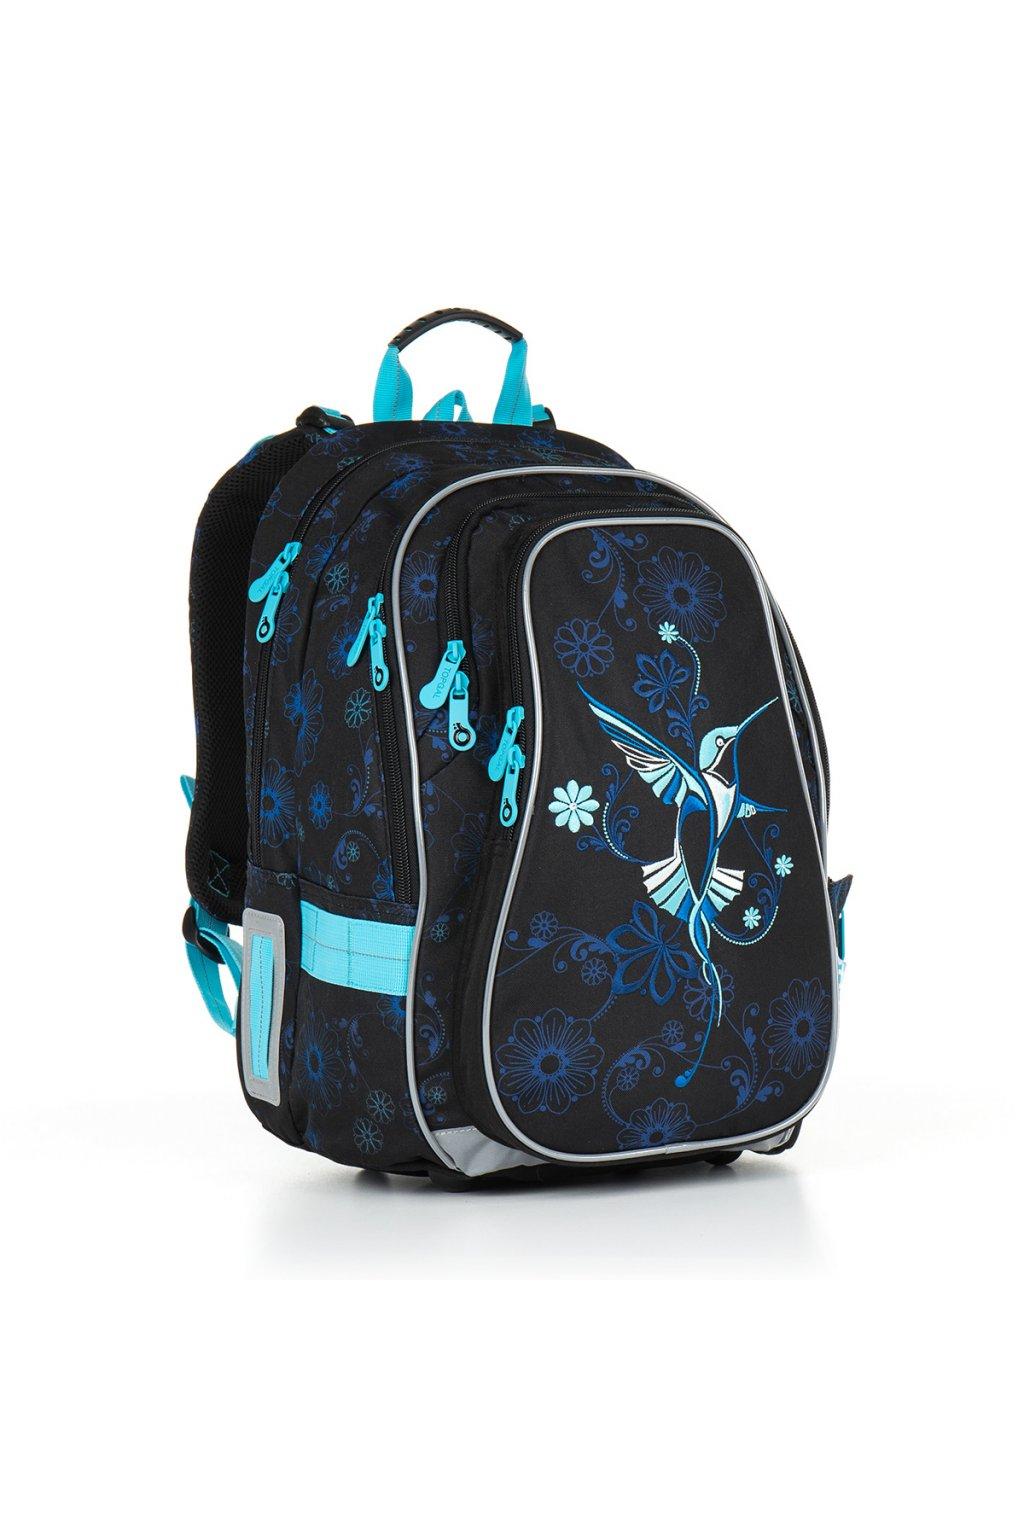 dívčí školní batoh topgal chi 882 a